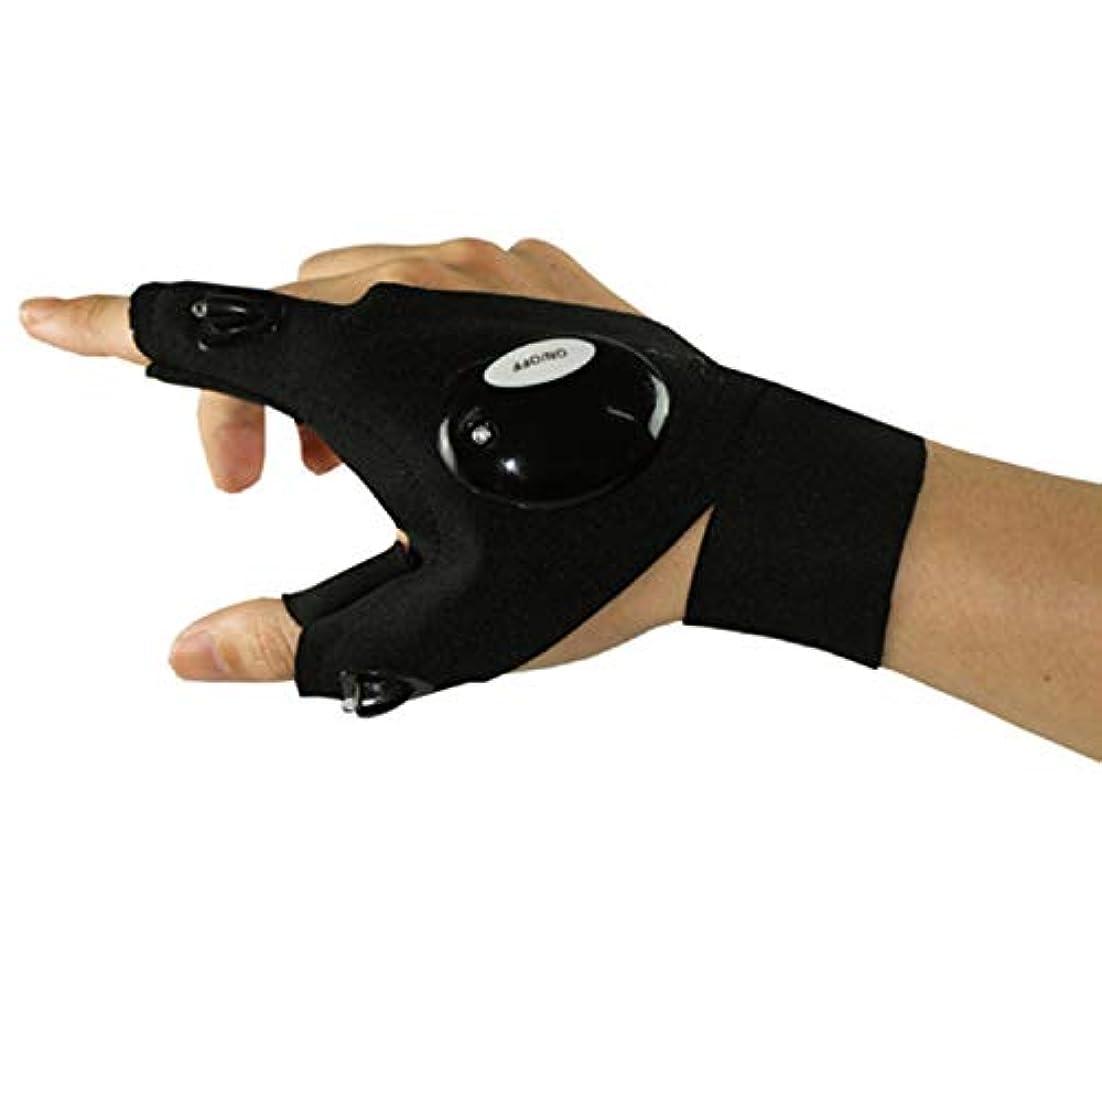 こどもの日散逸事前にBAJIMI 手袋 グローブ レディース/メンズ ハンド ケア 実用的なアウトドアスポーツLEDグローブランニング固定スポットライト修理ランプ懐中電灯 裏起毛 おしゃれ 手触りが良い 運転 耐磨耗性 換気性